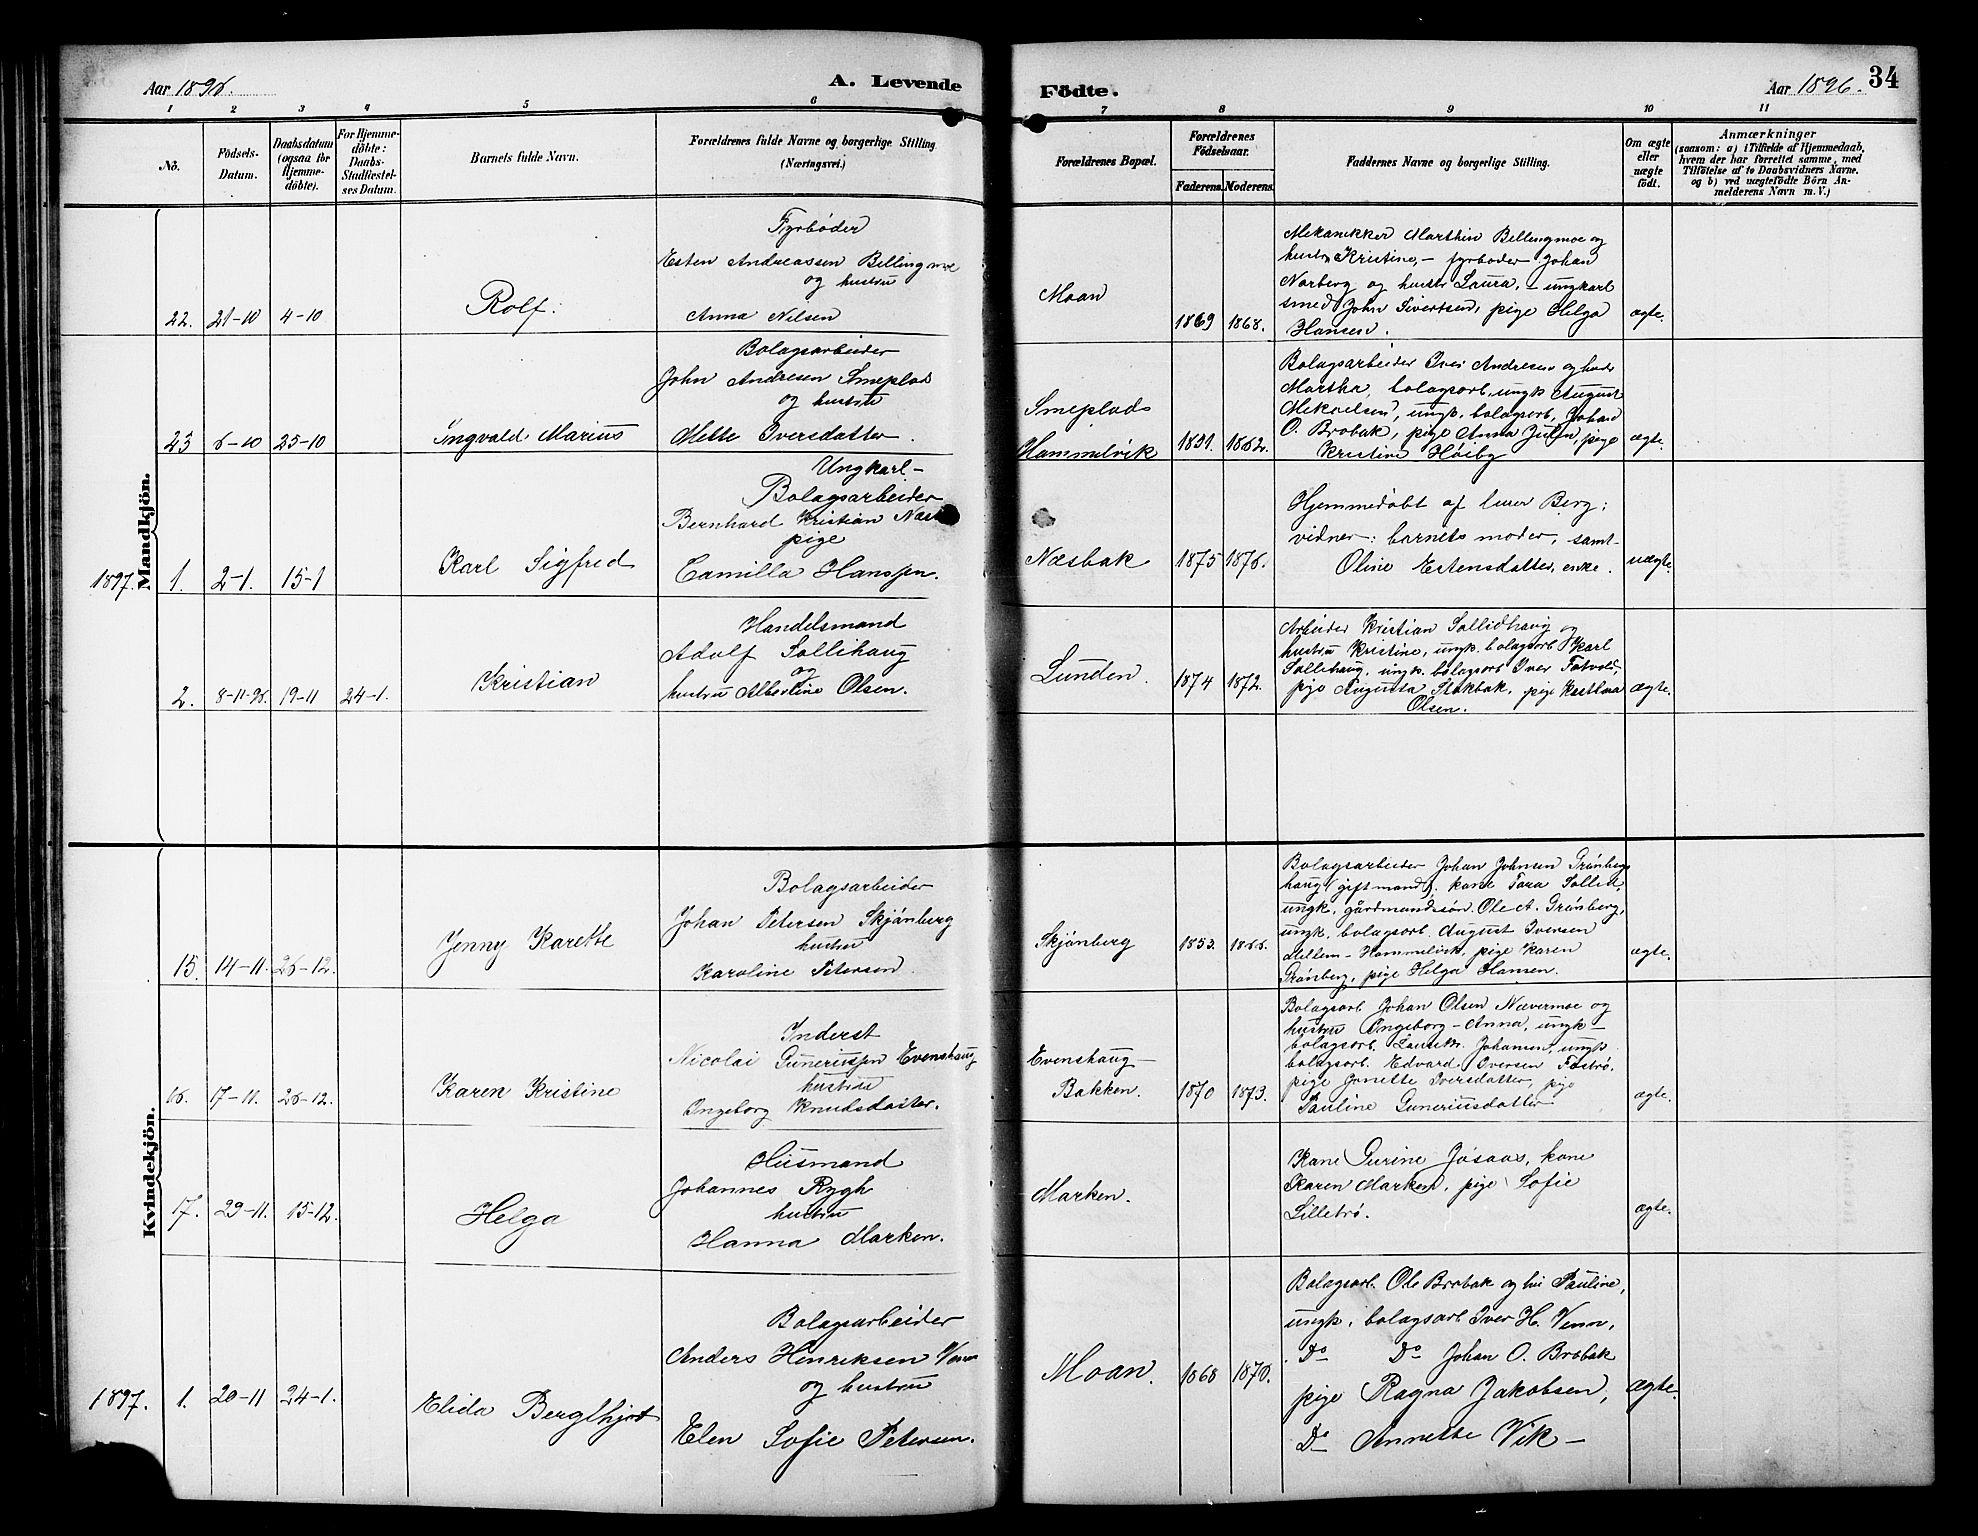 SAT, Ministerialprotokoller, klokkerbøker og fødselsregistre - Sør-Trøndelag, 617/L0431: Klokkerbok nr. 617C01, 1889-1910, s. 34